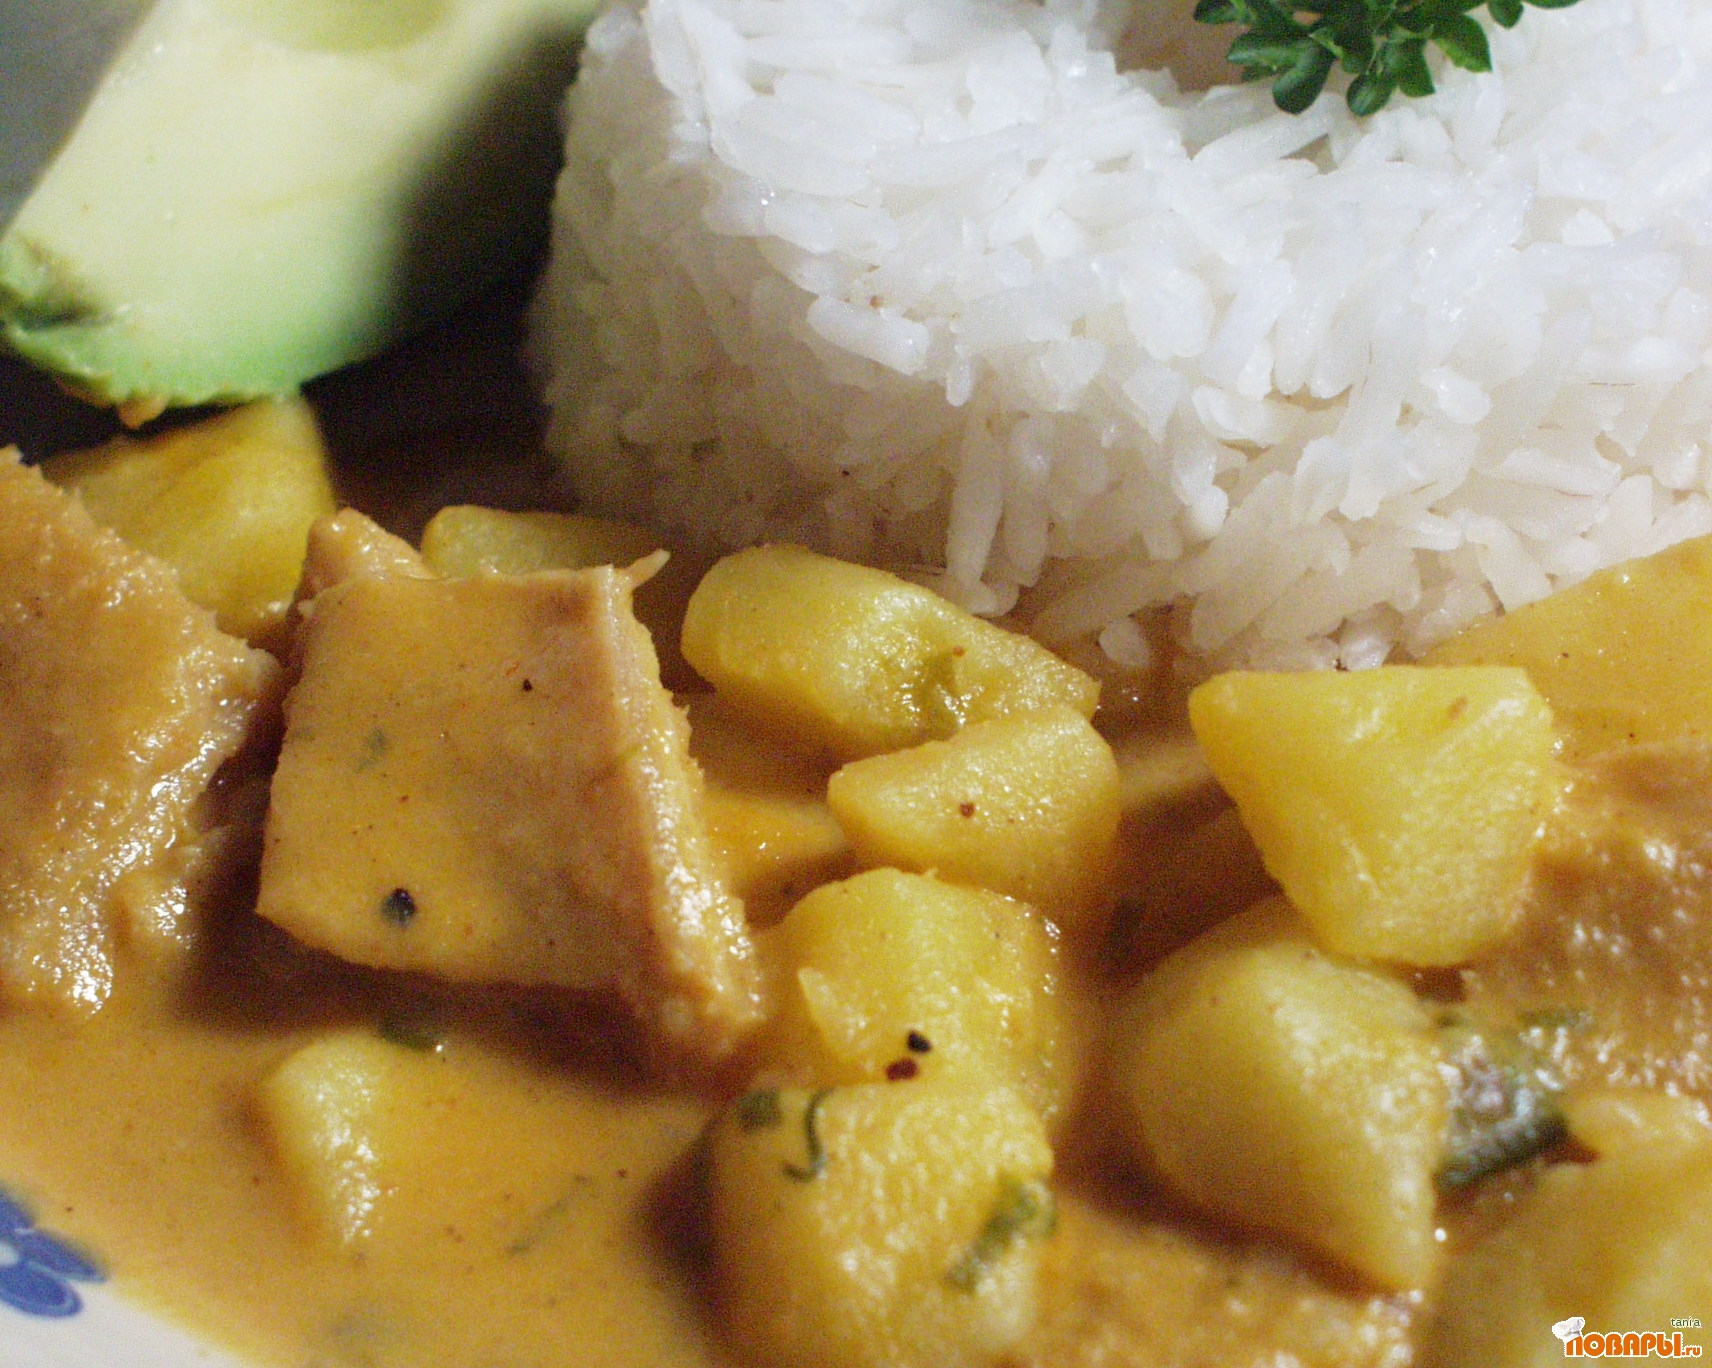 Рецепт Гуатита (коровий желудок, рубцы с картофелем под арахисовым соусом)